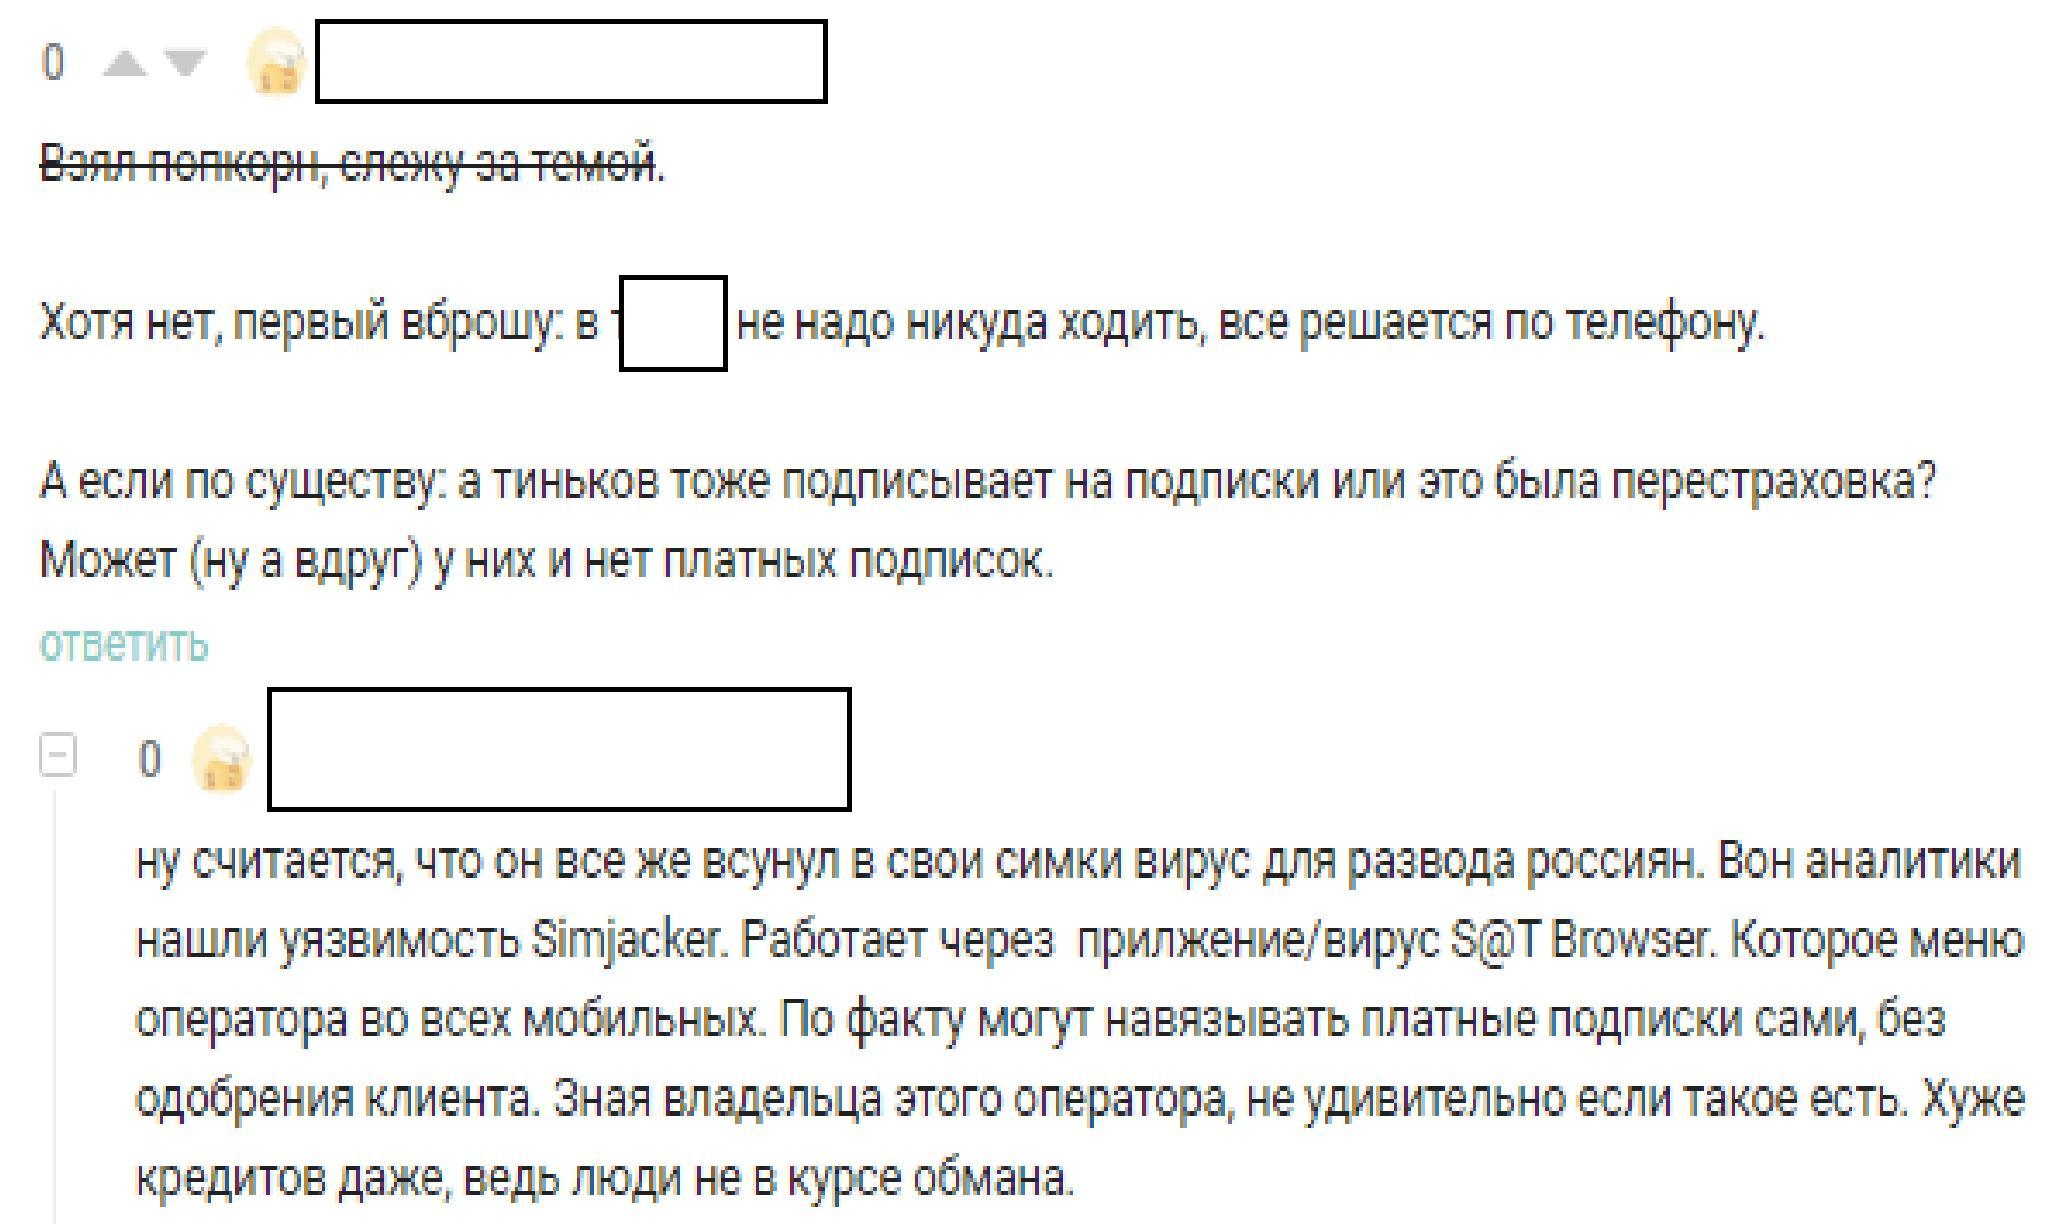 кредит тинькофф обман